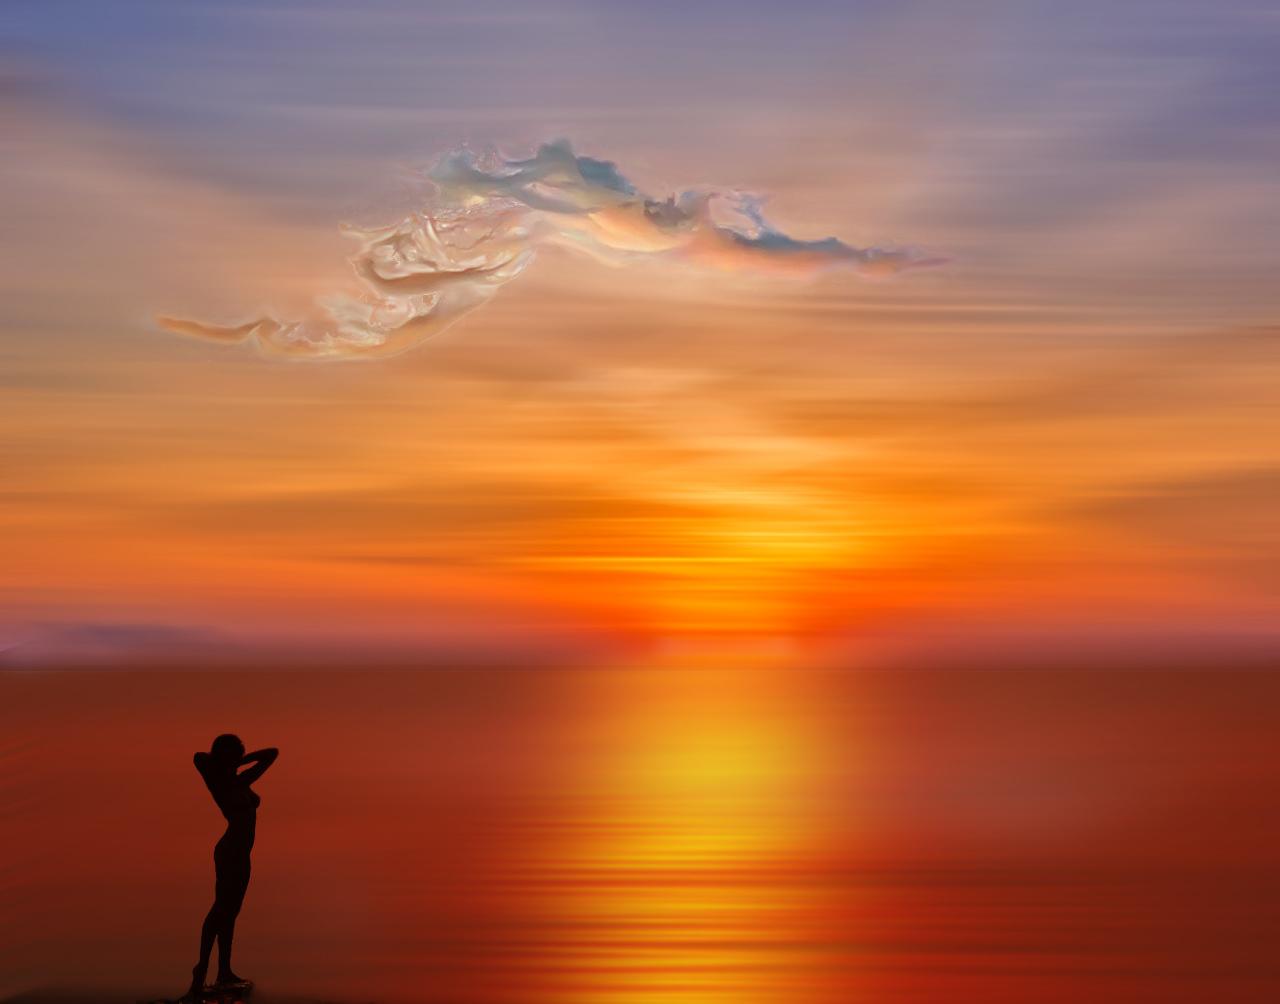 Силуэт девушки на фоне заката, фотограф atit